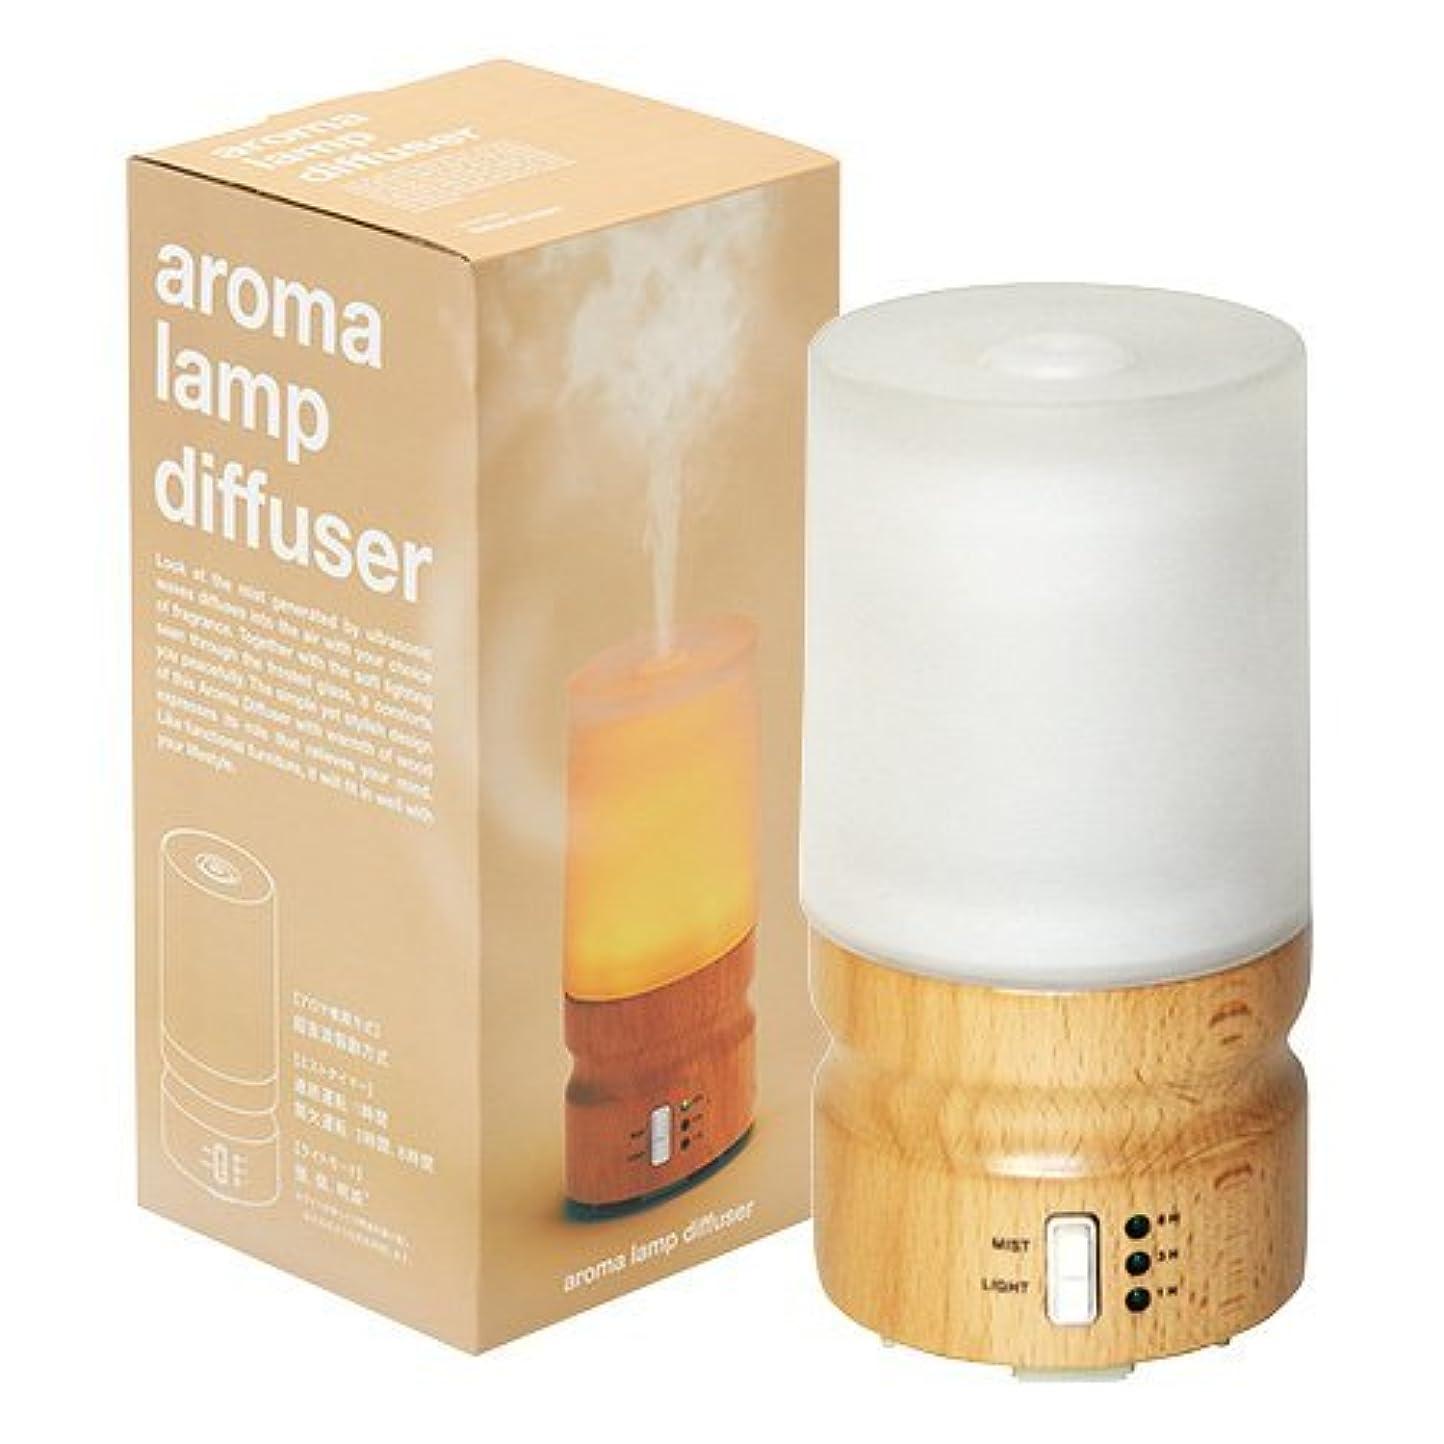 トリッキーアーティストシェードアロマランプディフューザーaroma lamp diffuer【タイマー付】【保証書付(6ヶ月)】【カラー:ナチュラルブラウン】